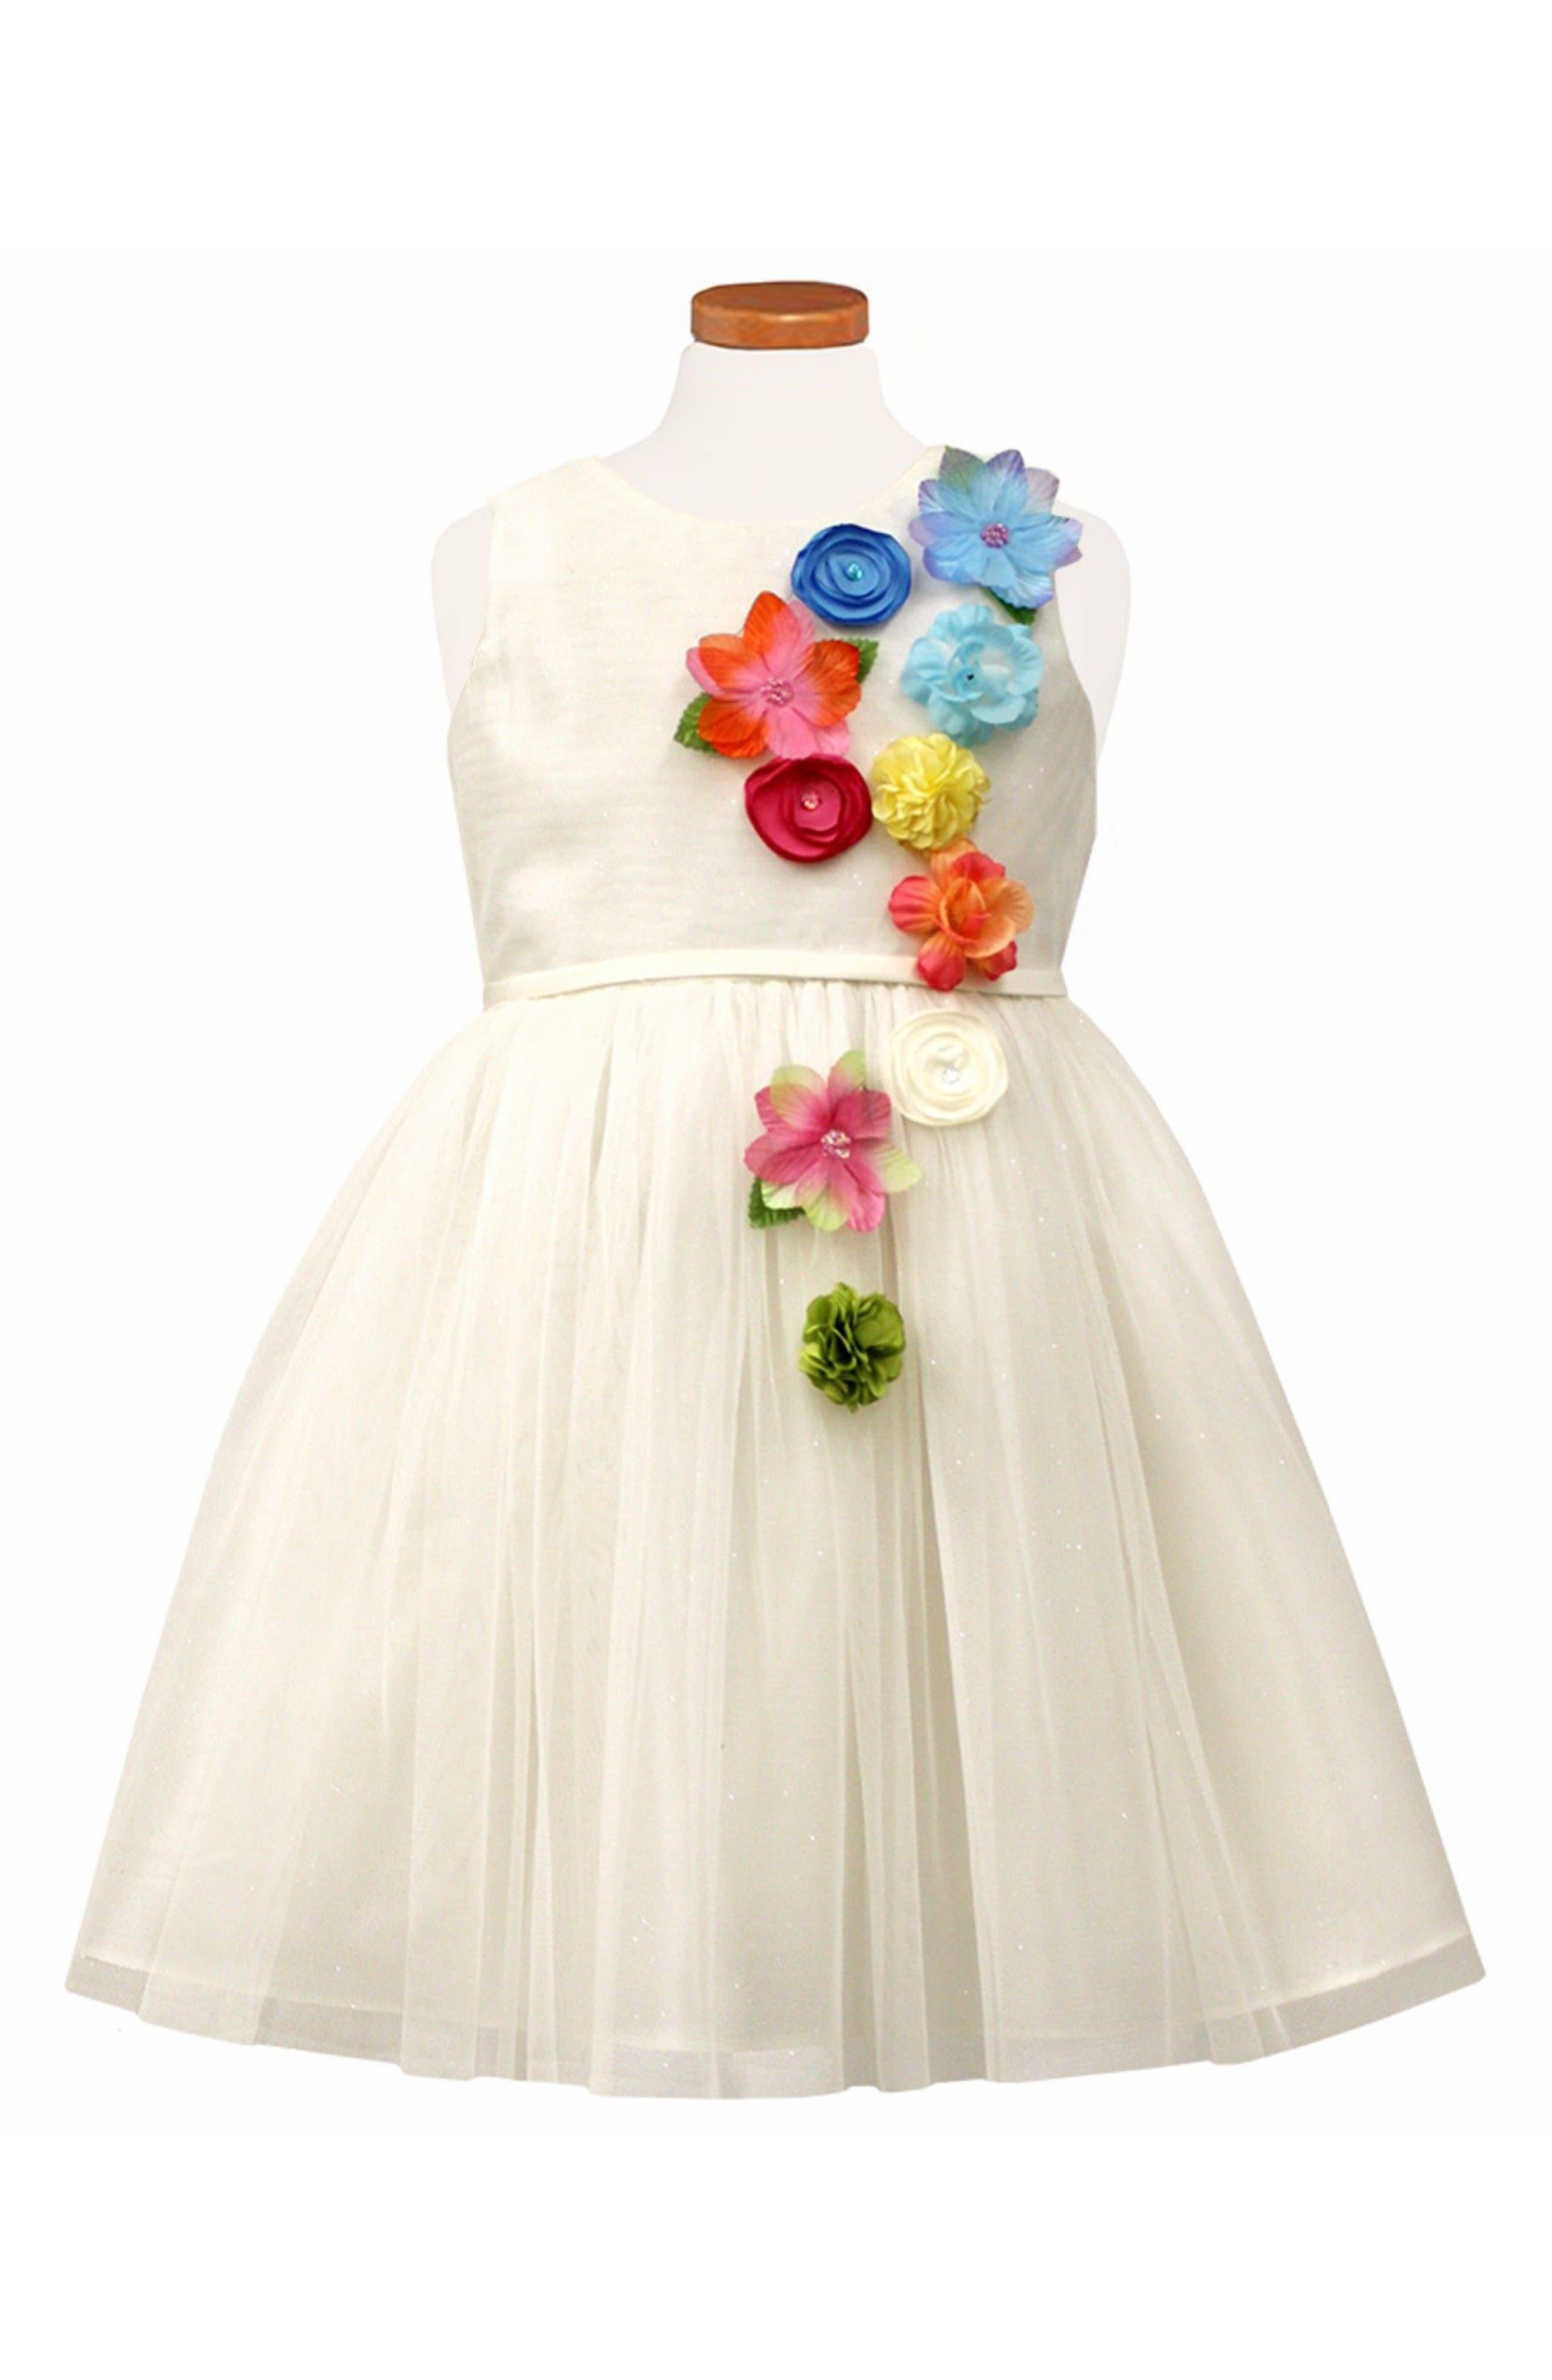 Flower Appliqué Tulle Party Dress,                         Main,                         color, White